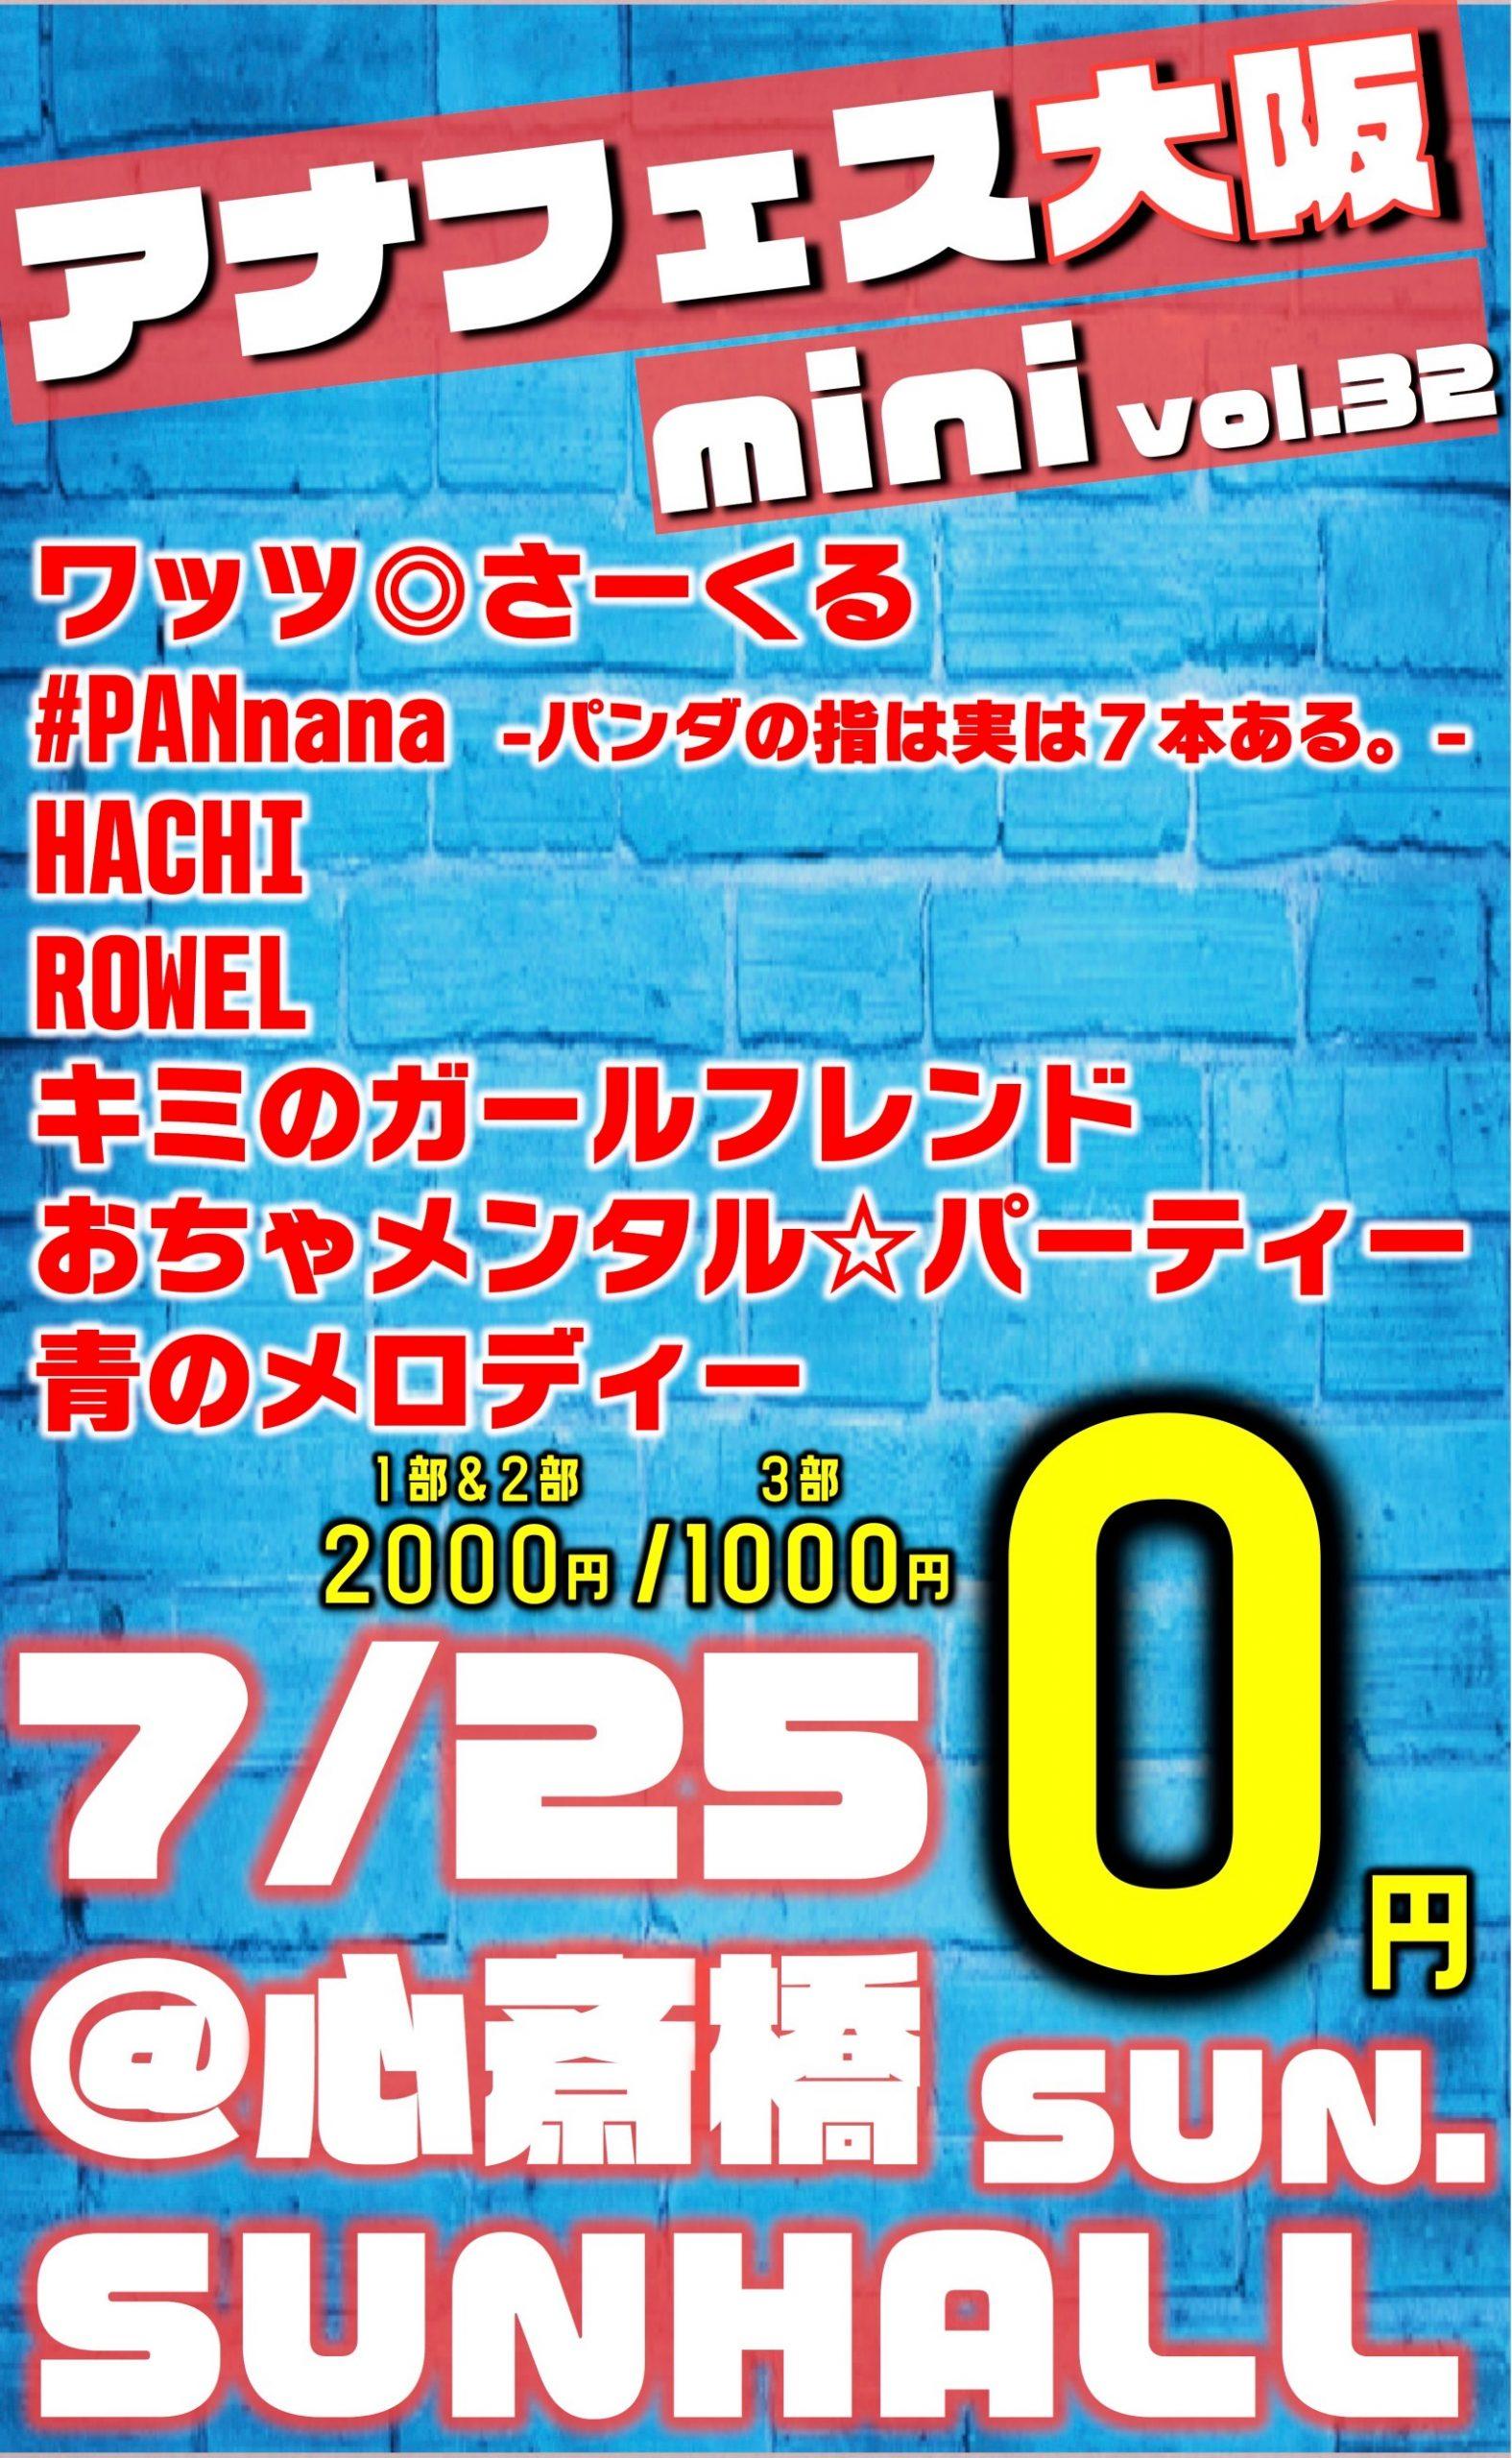 アナフェス大阪mini vol.32 〜大阪無銭〜